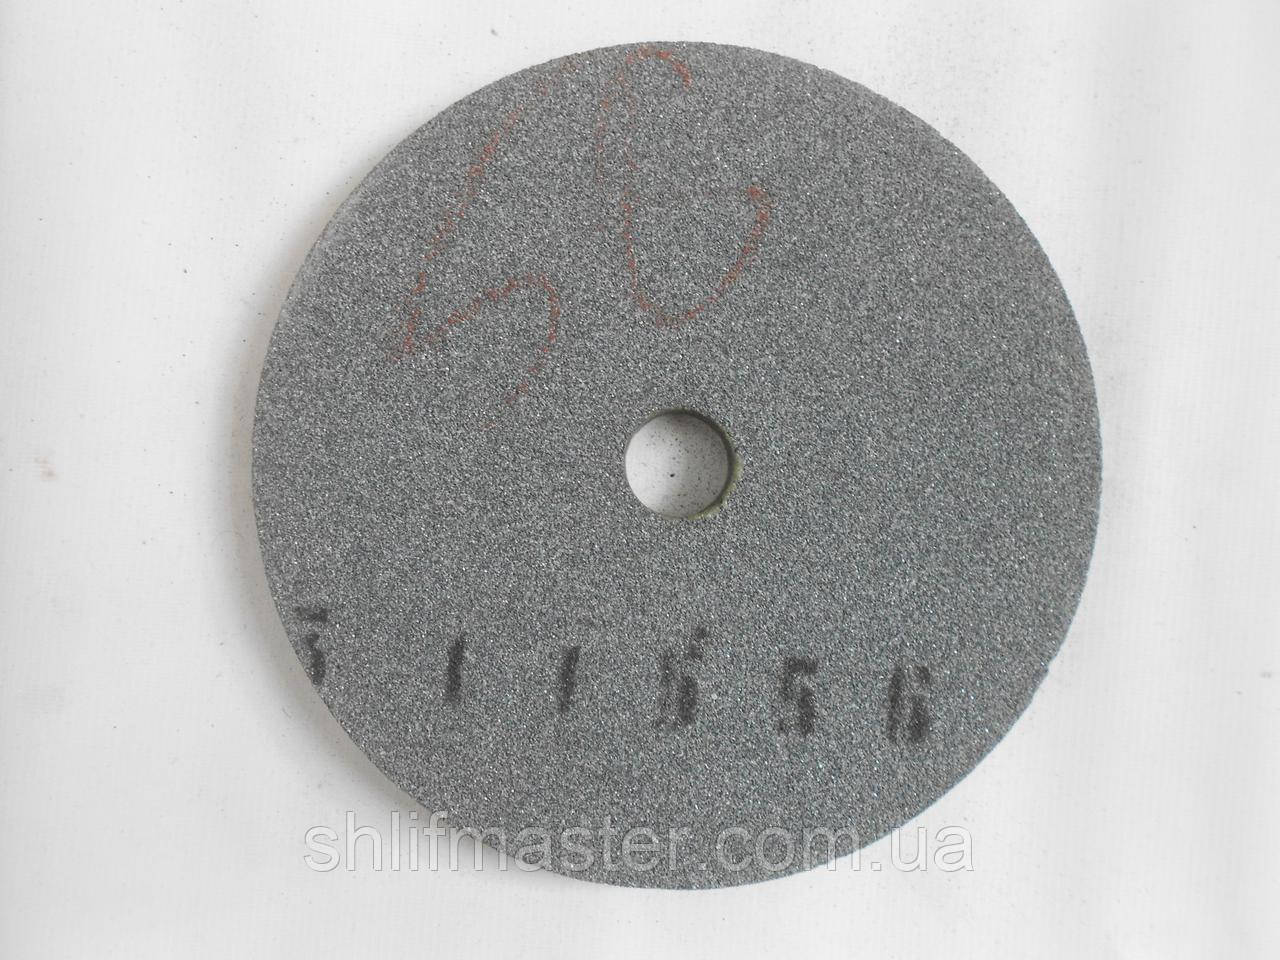 Круг абразивный из карбида кремния черного 54С ПП 250х25х32 60 СМ